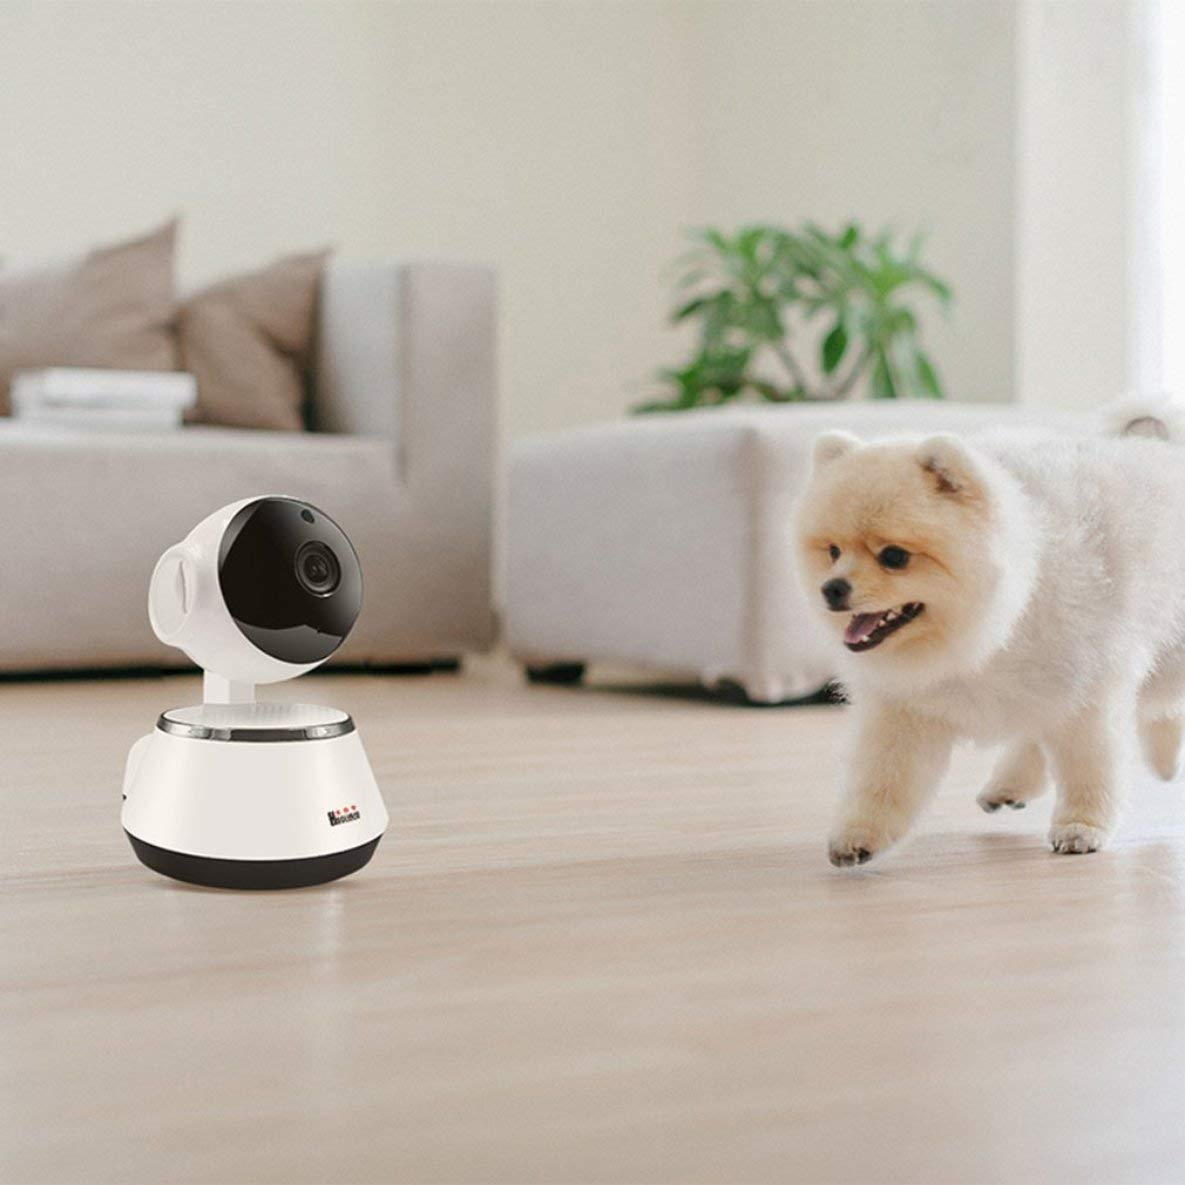 Monitor de seguridad para el hogar cámara IP HD Wireless ...